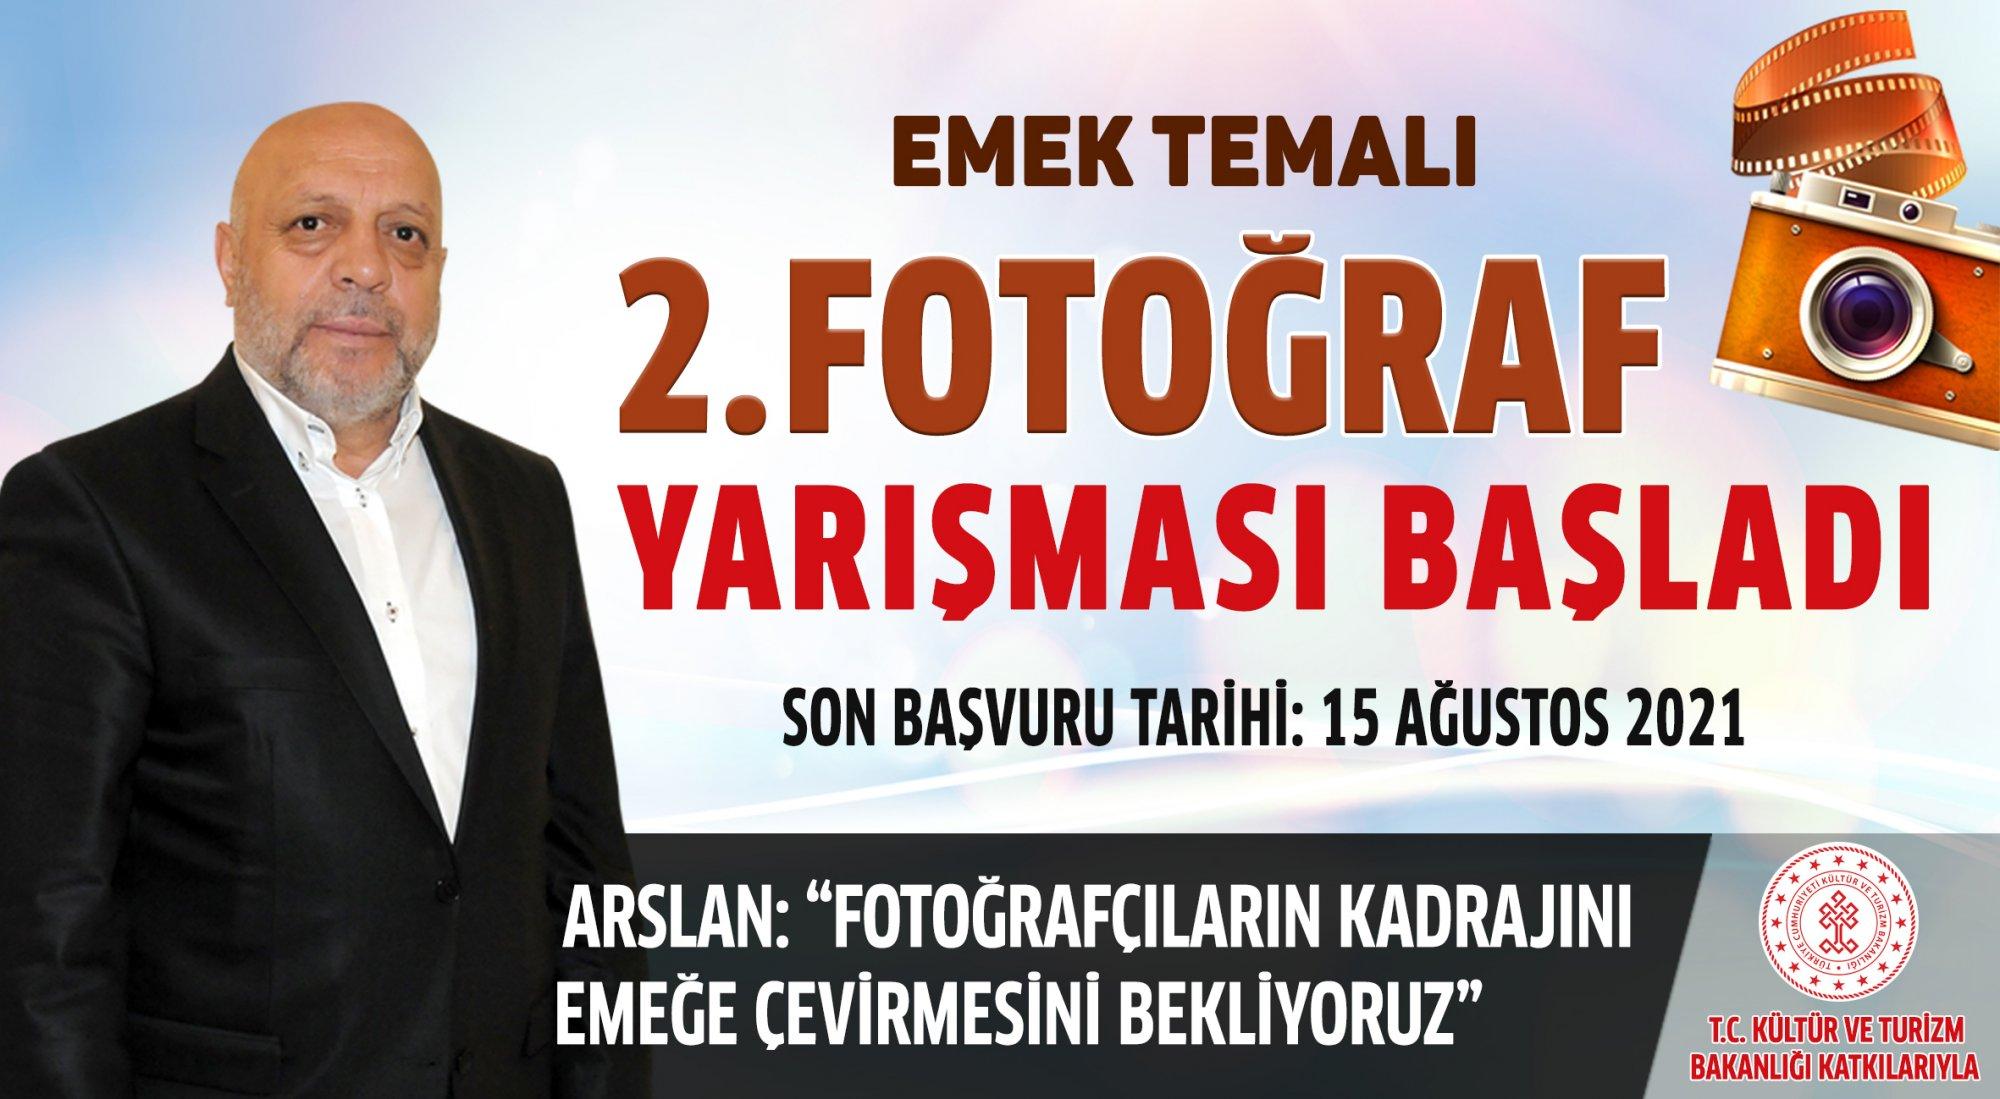 HAK-İŞ'TEN EMEK TEMALI FOTOĞRAF YARIŞMASI